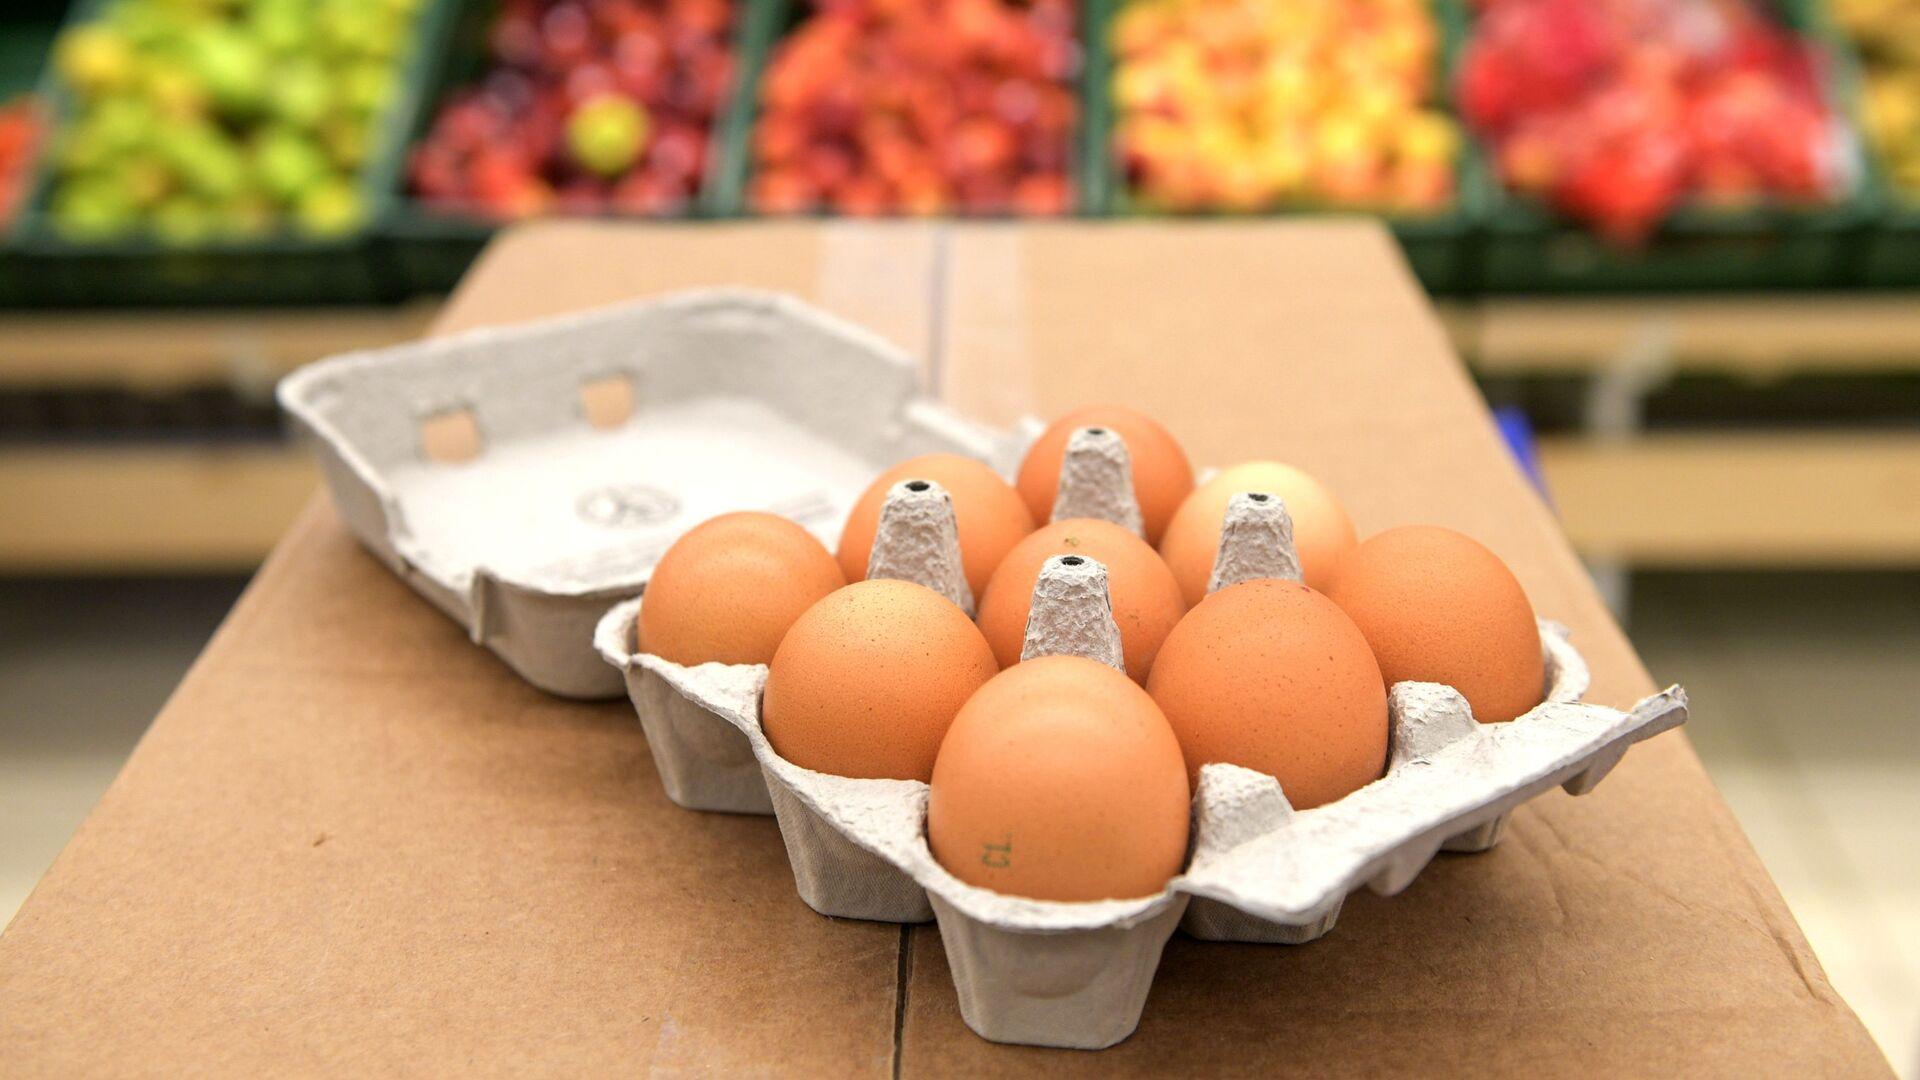 Упаковка яиц на 9 штук в магазине Народная 7Я в Санкт-Петербурге - РИА Новости, 1920, 25.09.2020